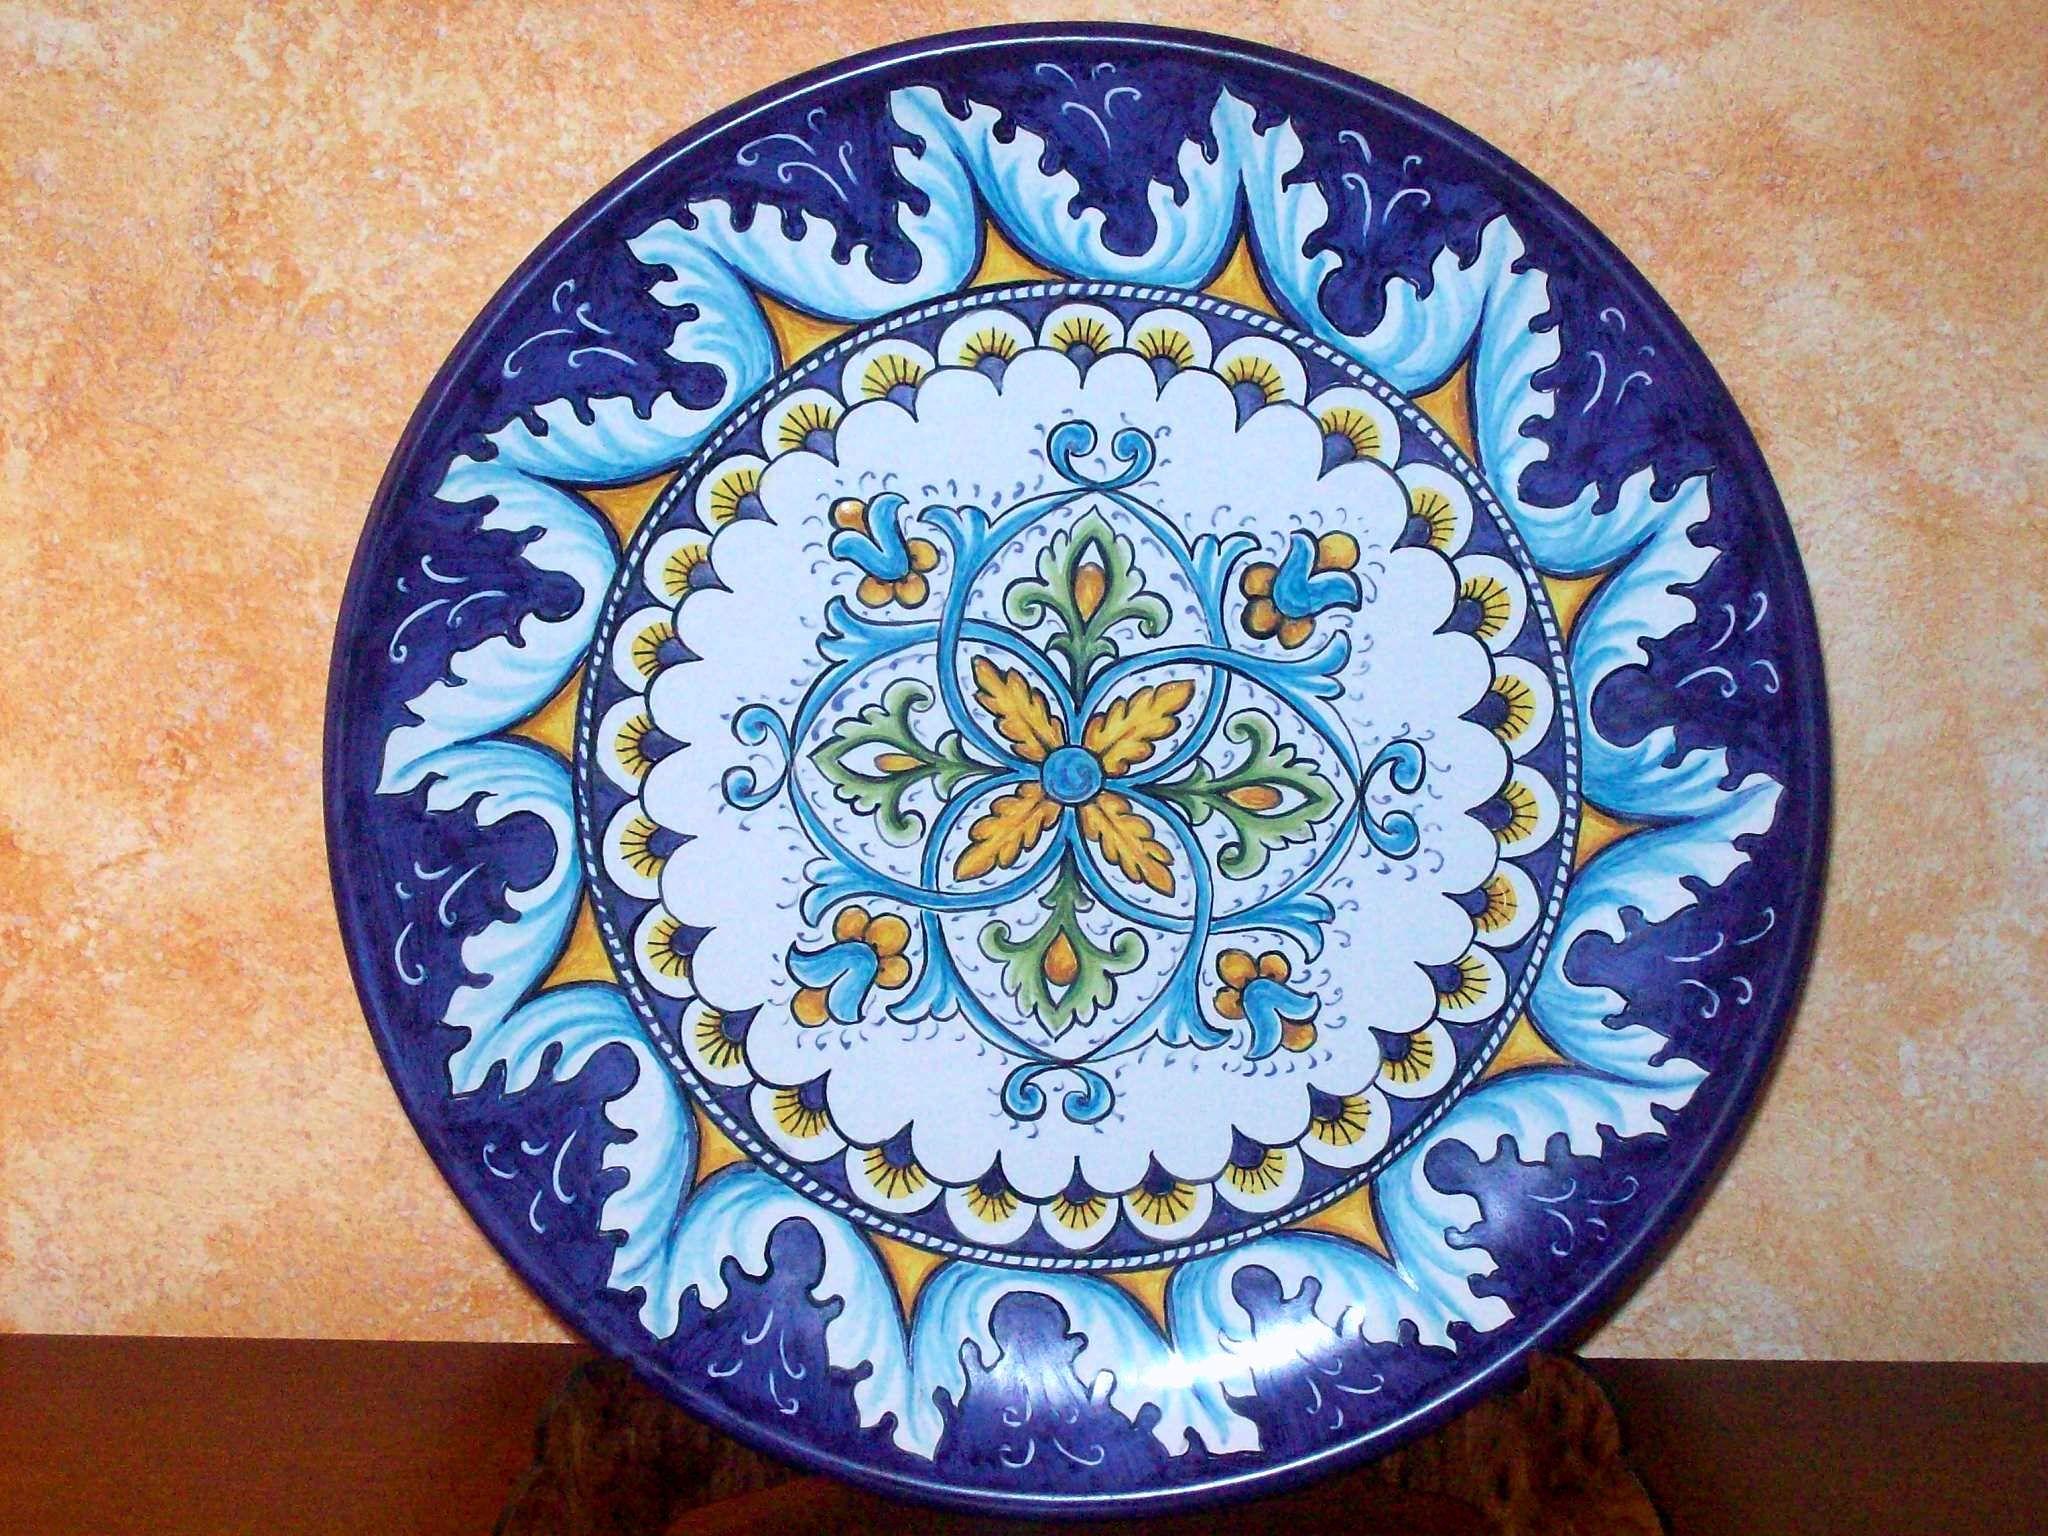 è uno dei materiali più interessanti nell'universo della ceramica tradizionale. Piatto Di Ceramica Dip A Mano Italy Http Ceramicamia Blogspot It 2011 04 La Differenza Tra Ceramica E Maiolica Html Piatto Di Ceramica Ceramica Maiolica